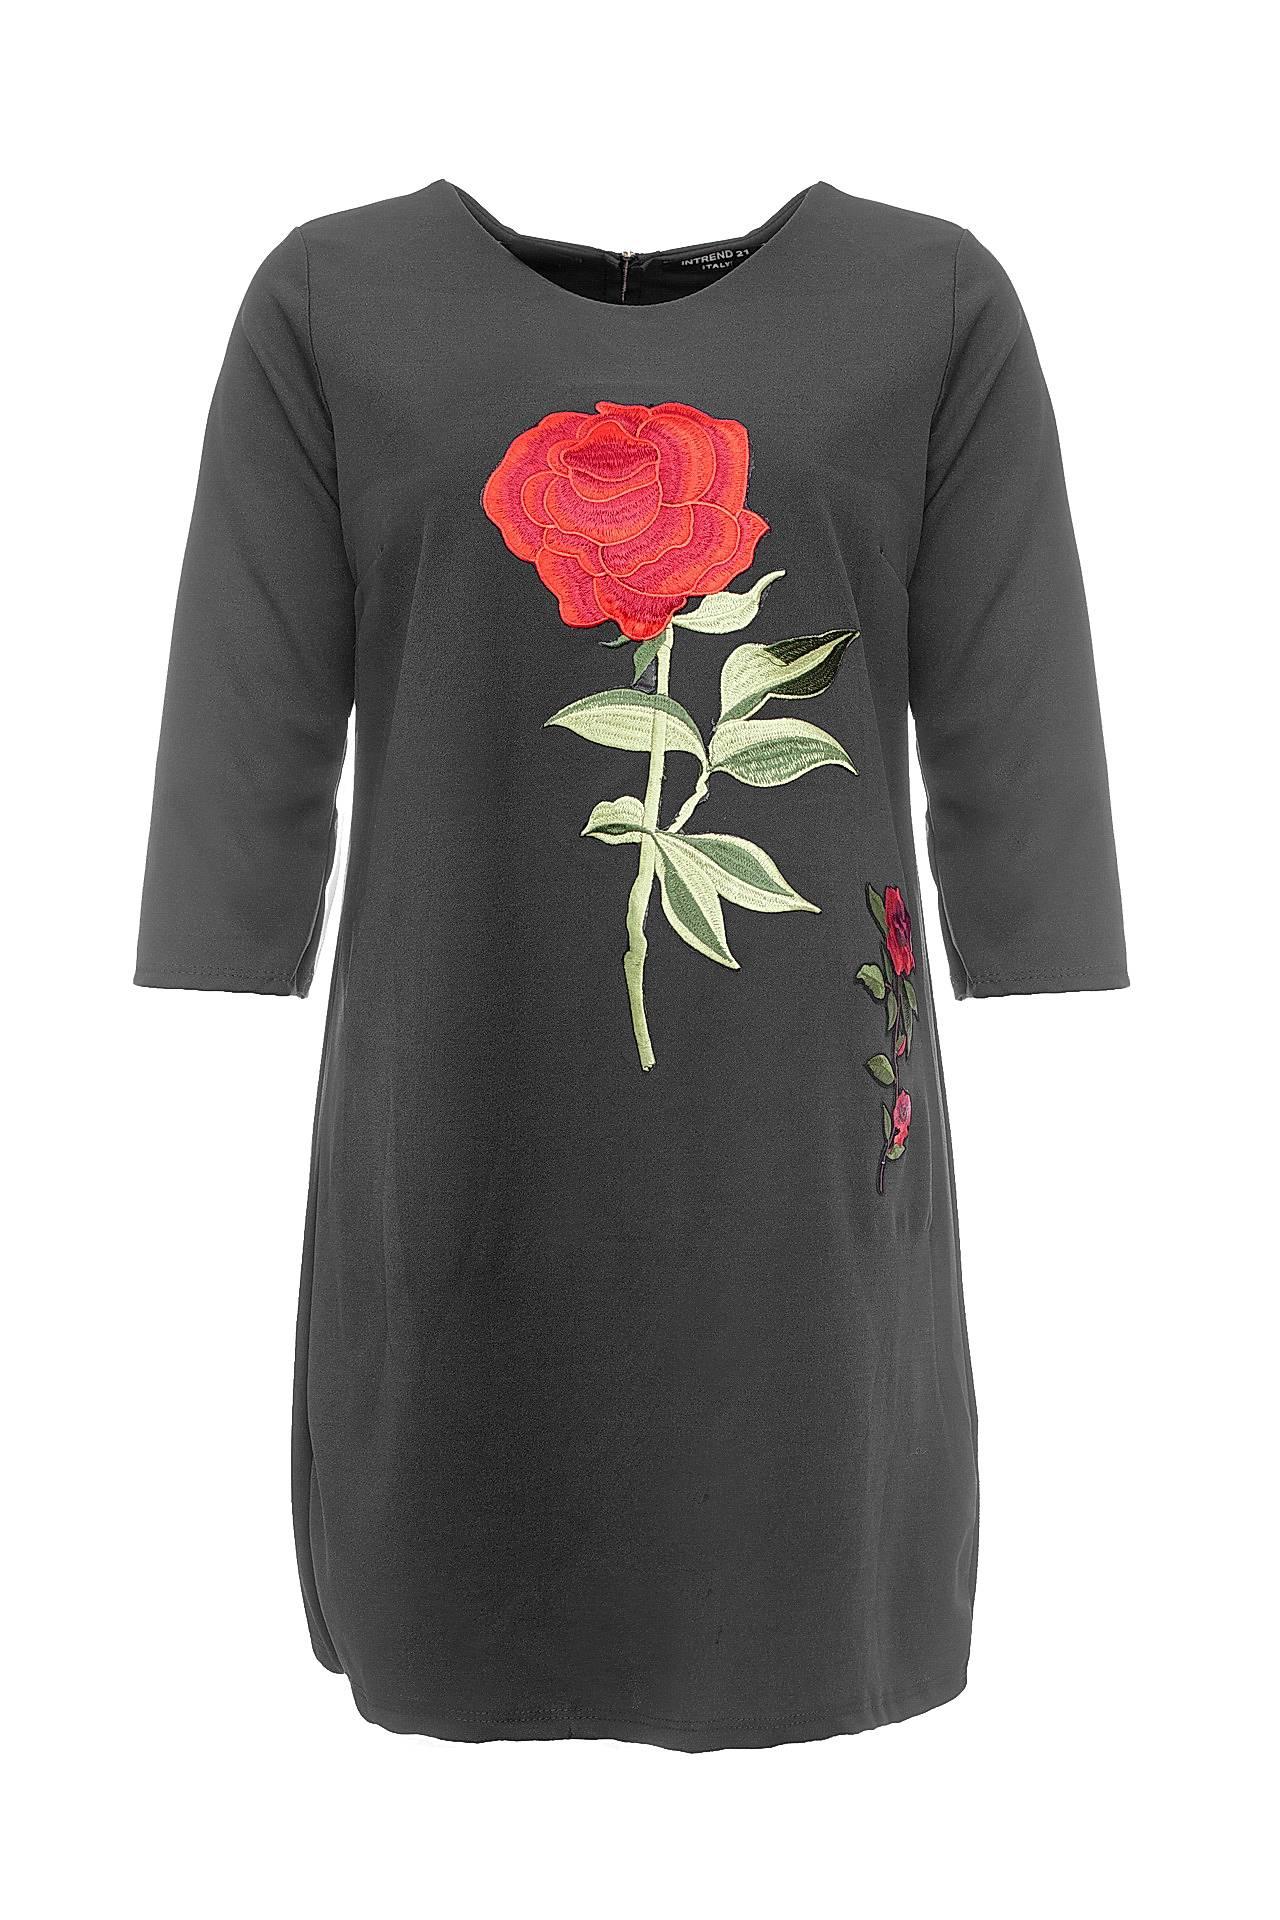 Платье INTREND21, темно-серый 44, 46 размер48641-S/MПлатье прямое, спереди вышитая машинной гладью большая алая роза с маленькой, 2/4 рукав, U-образный вырез, сзади накладная молния